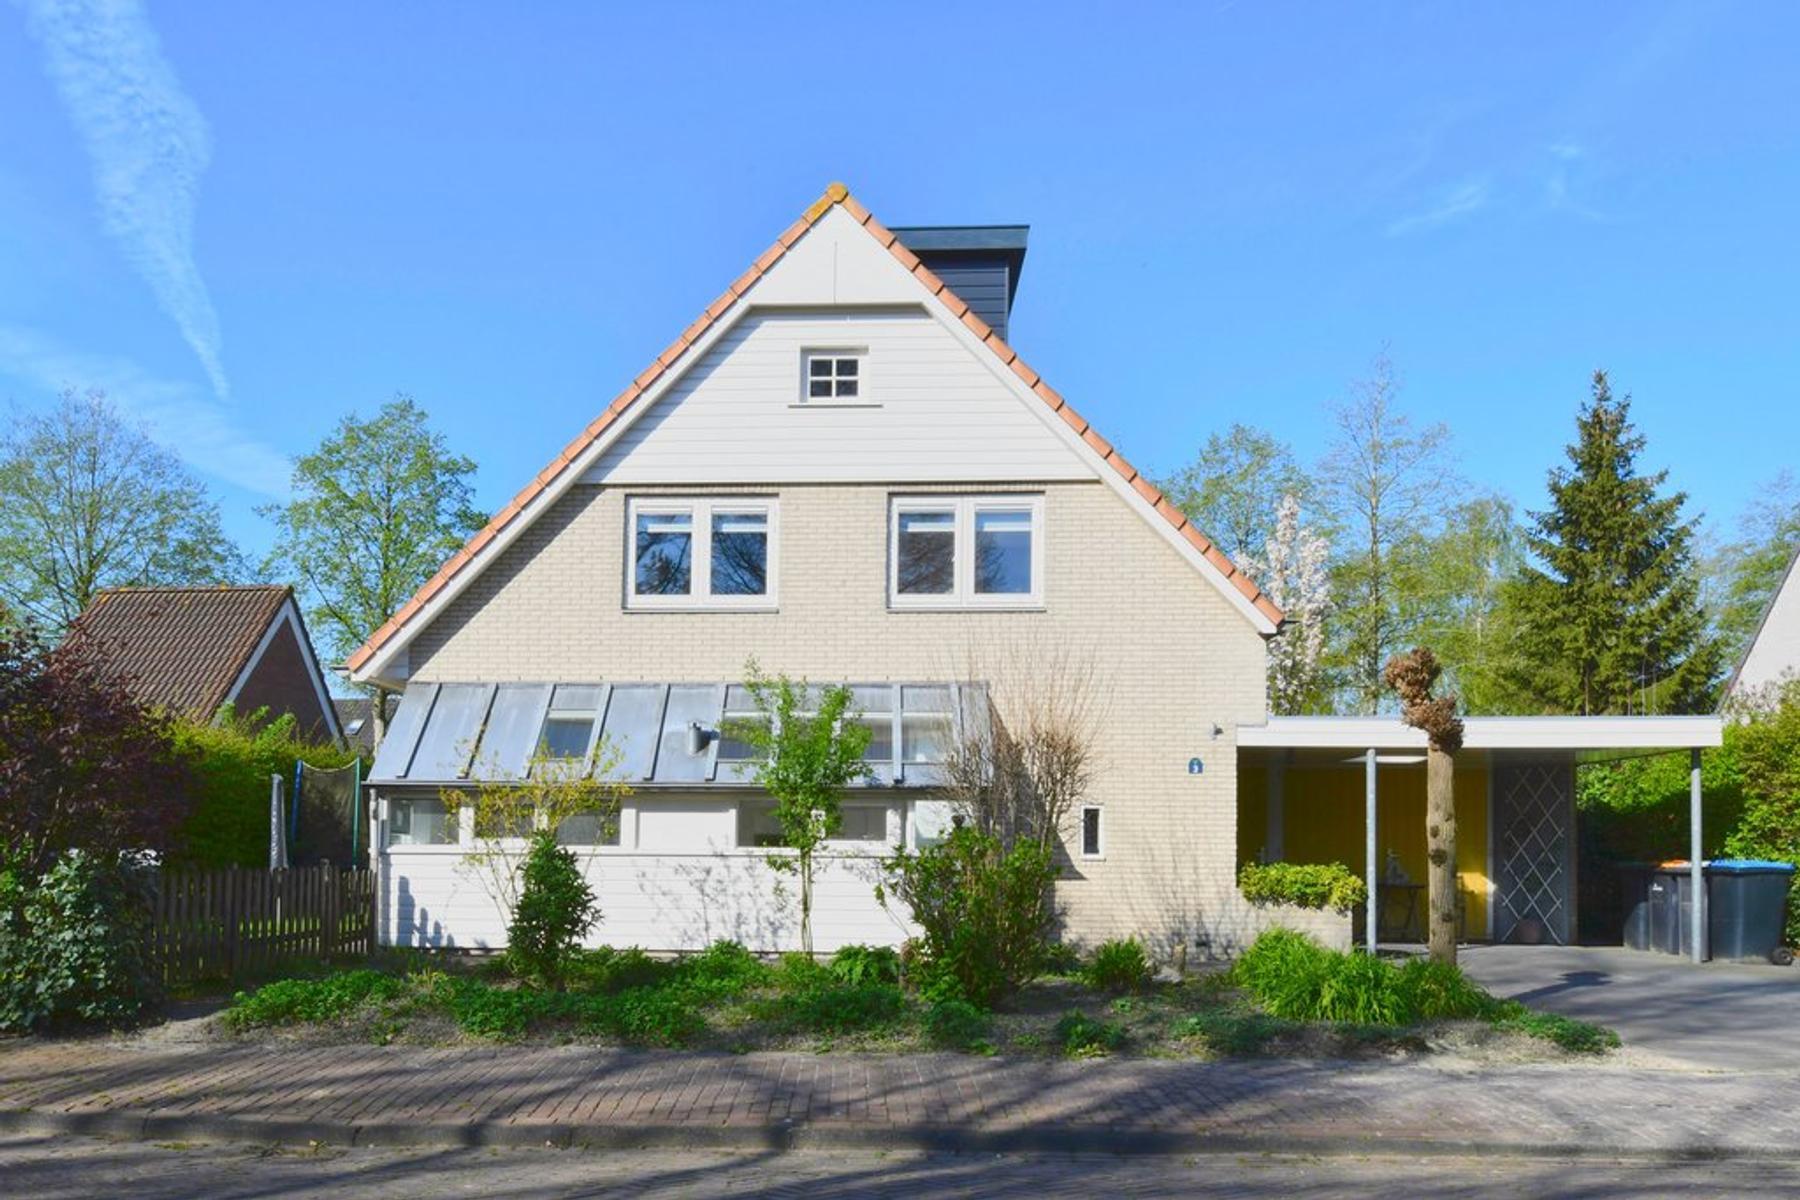 Dingspel 3 in Zuidwolde 7921 WE